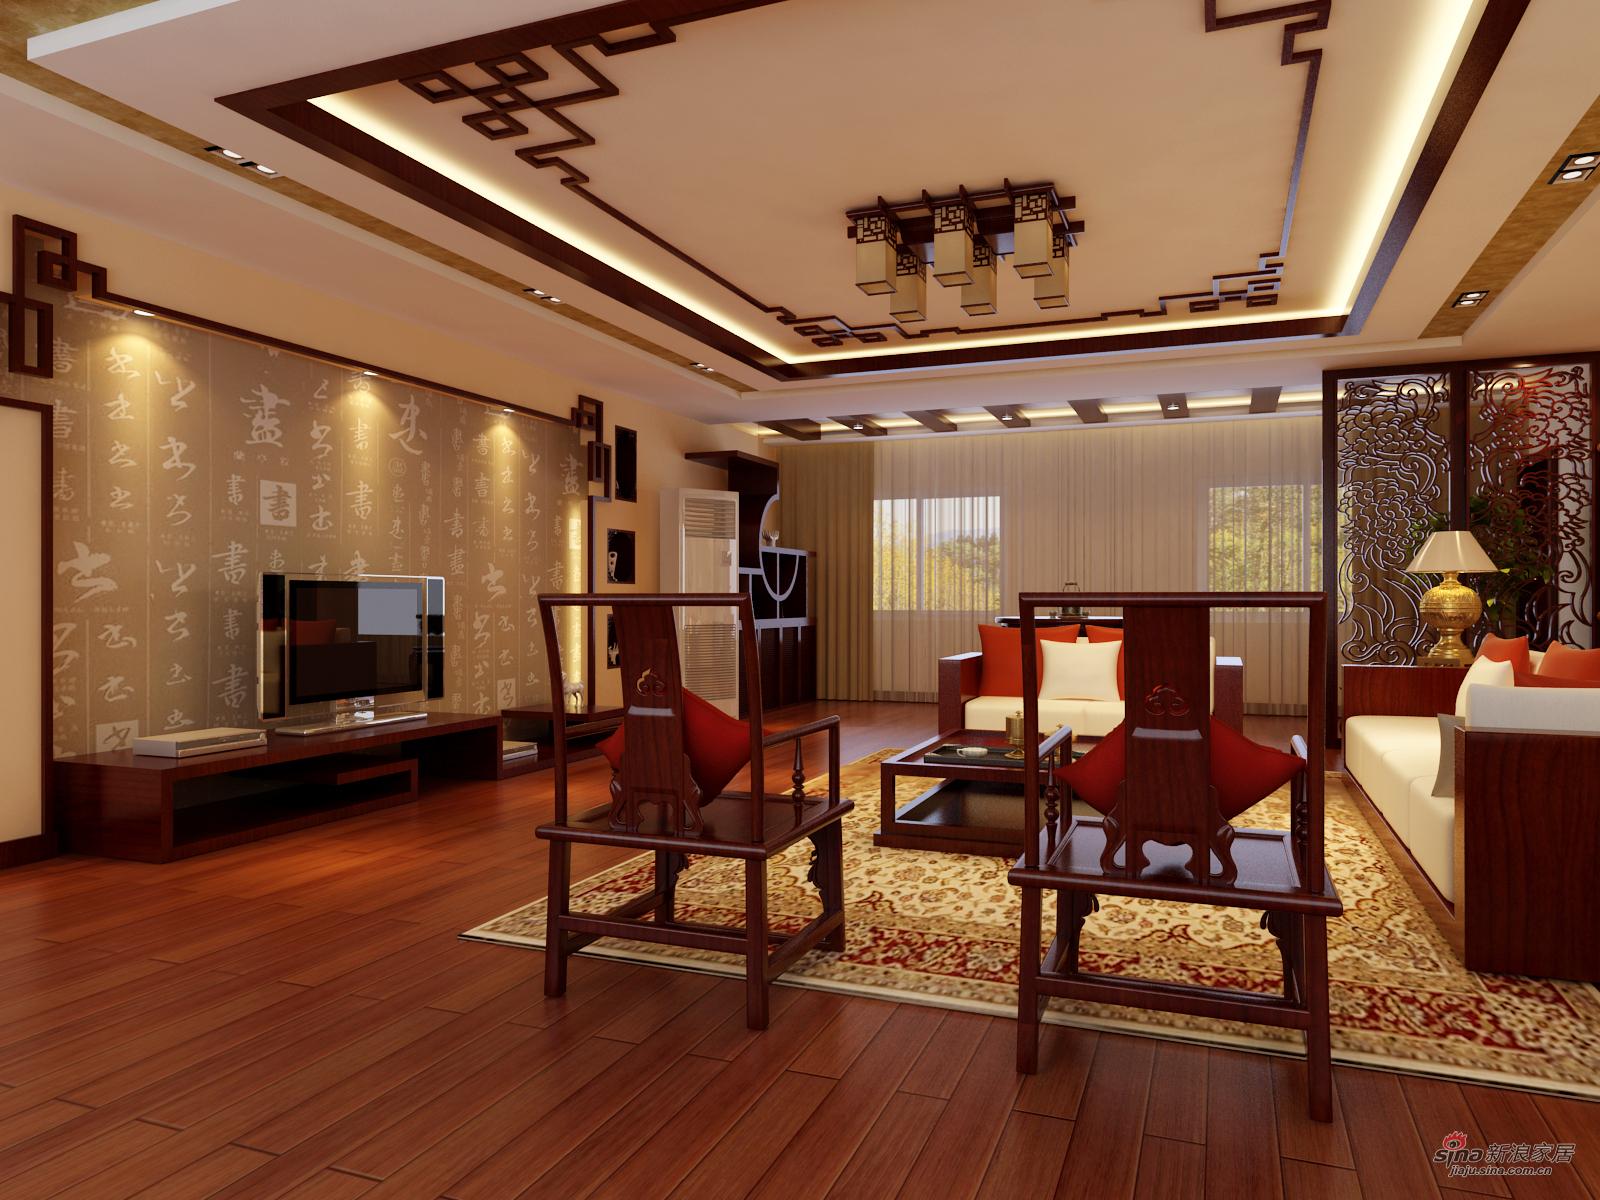 客厅图片 样板间 新浪装修家居网高清图片